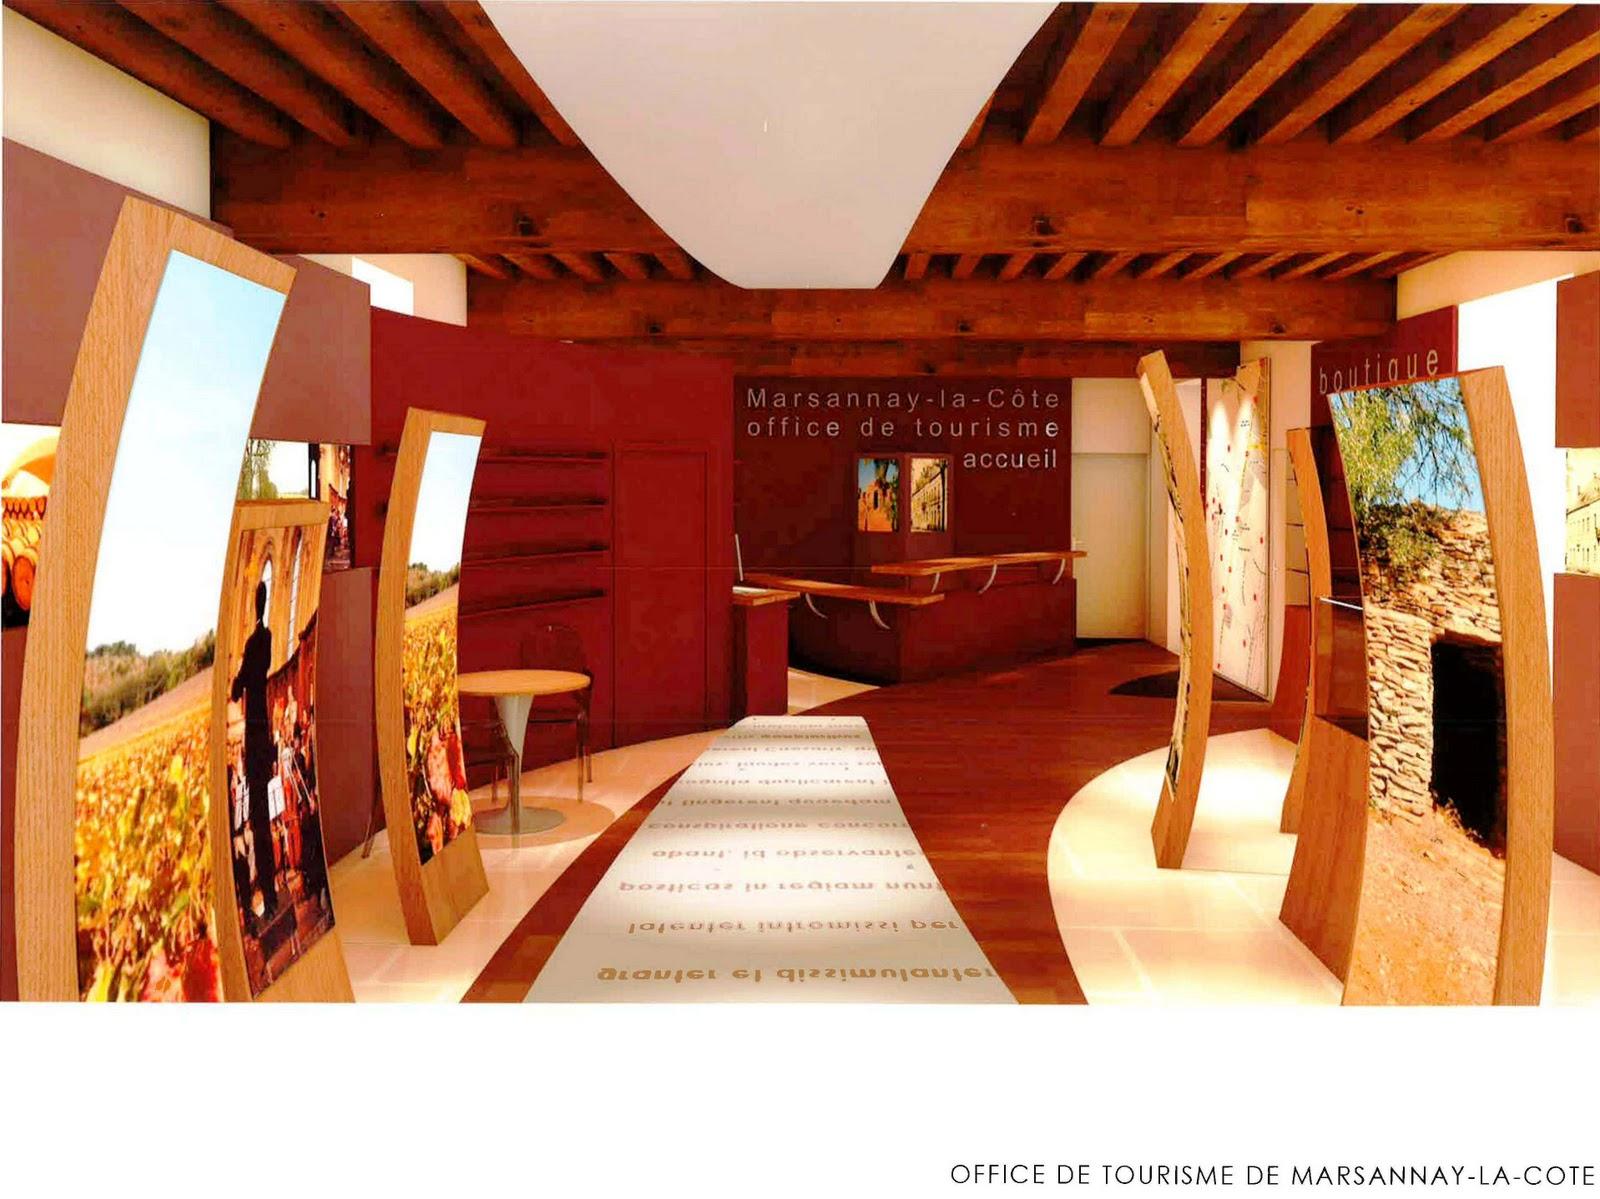 Vivre ensemble marsannay la c te inauguration de l 39 office de tourisme octobre 2011 - Office tourisme cote d or ...